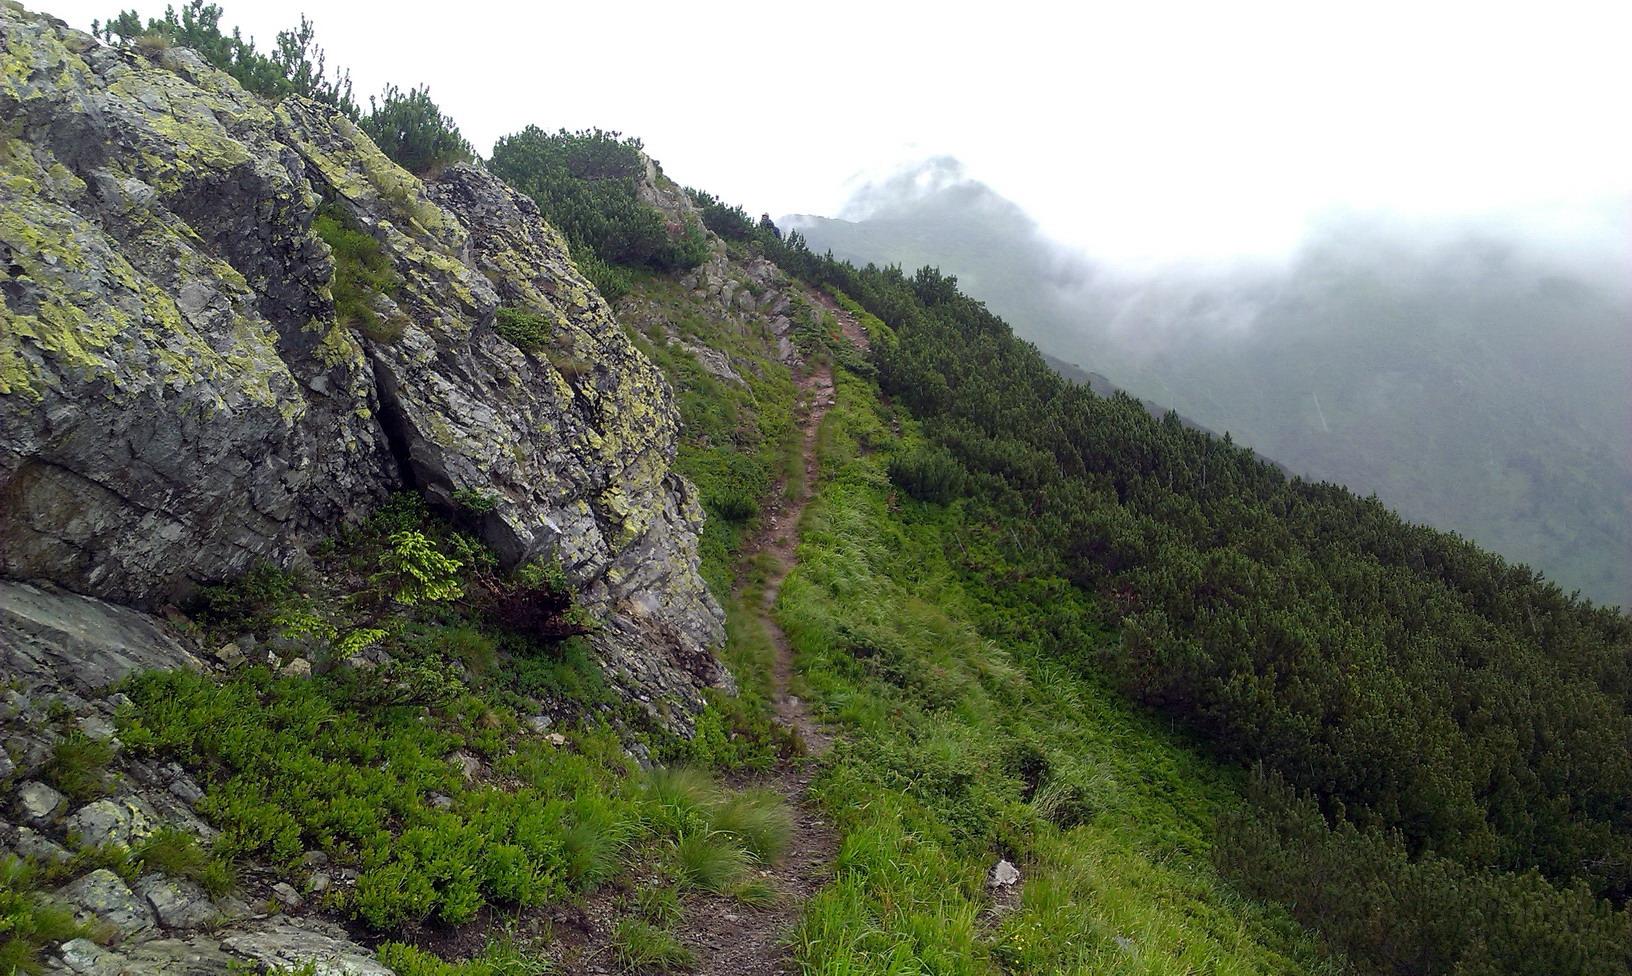 Зі Щербана стежка йде в сторону ПІМ. Трохи йдемо по ній, а потім звертаємо наліво, в долину, в сторону пол.Лисичої